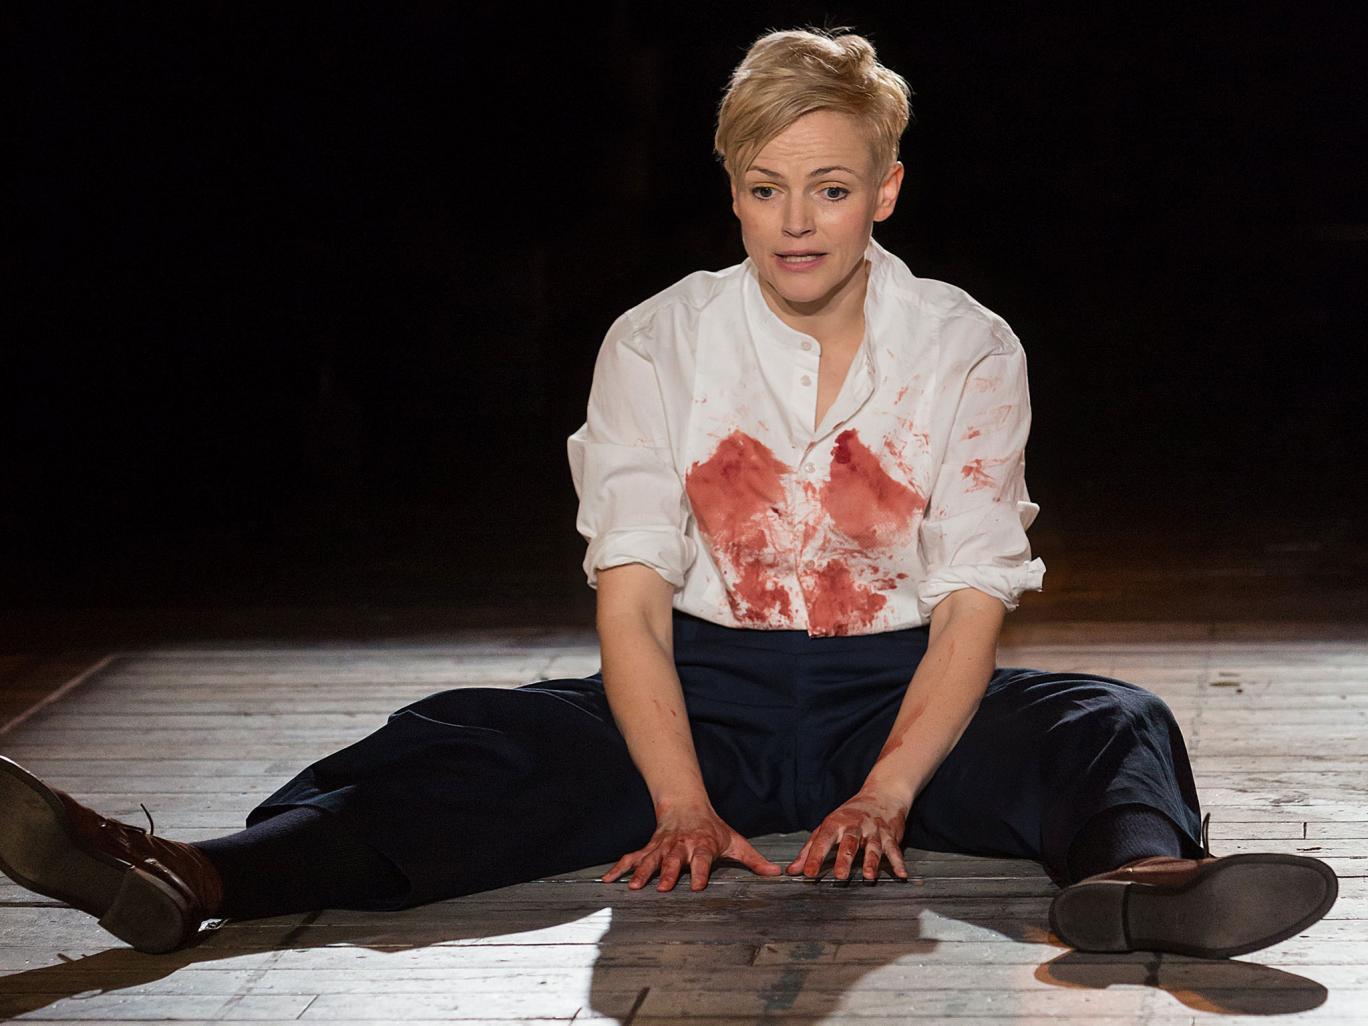 Maxine Peake színésznő 2002-ben Opheliát játszotta, 2014-ben viszont Hamletként állt színpadra, hatalmas sikerrel.